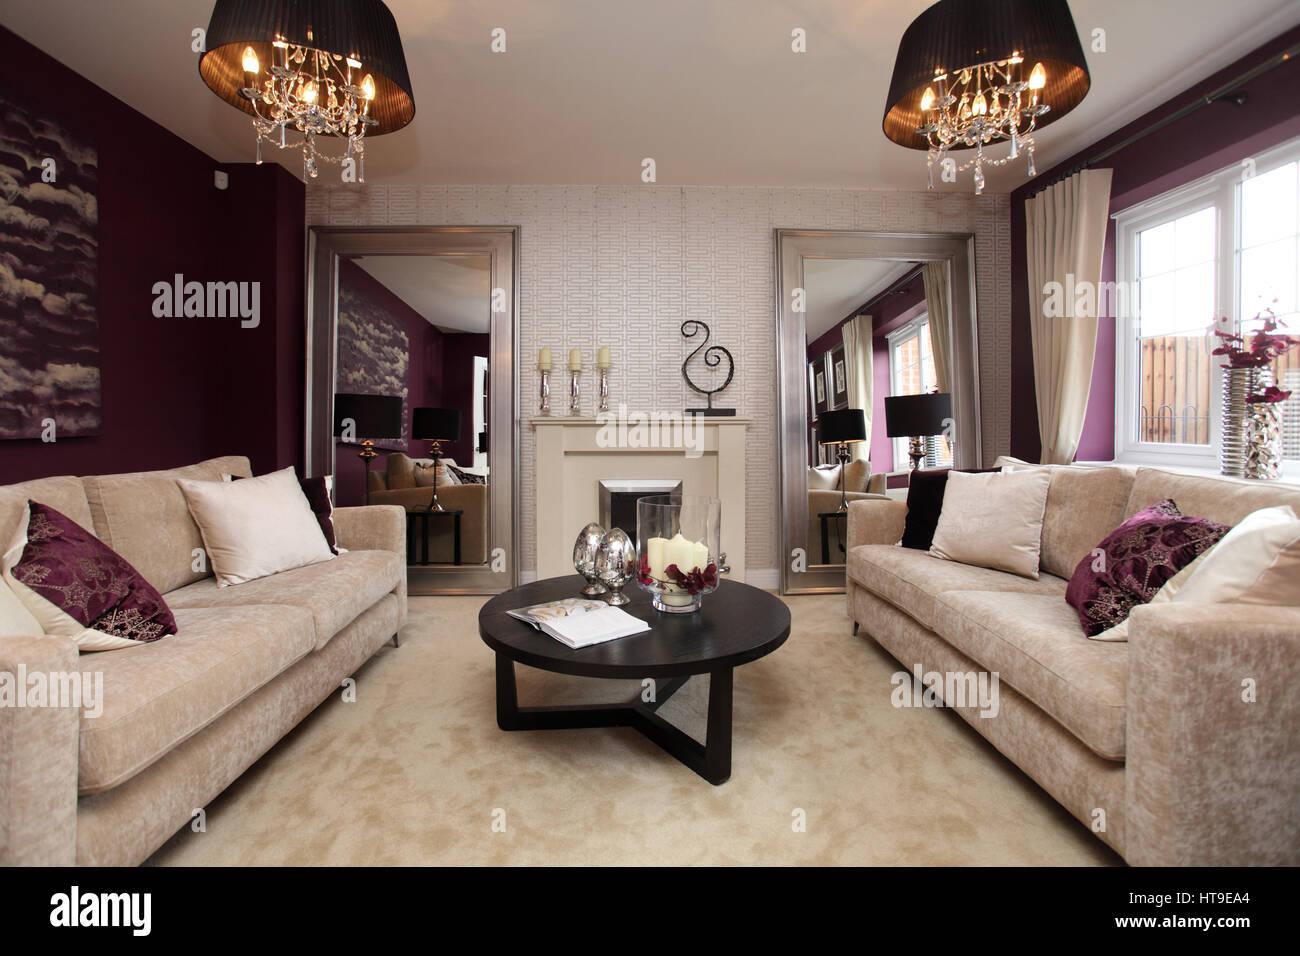 Lounge möbel wohnzimmer  Wohngebäude, Lounge, Wohnzimmer, lila Dekor, lila Eigenschaftswand ...